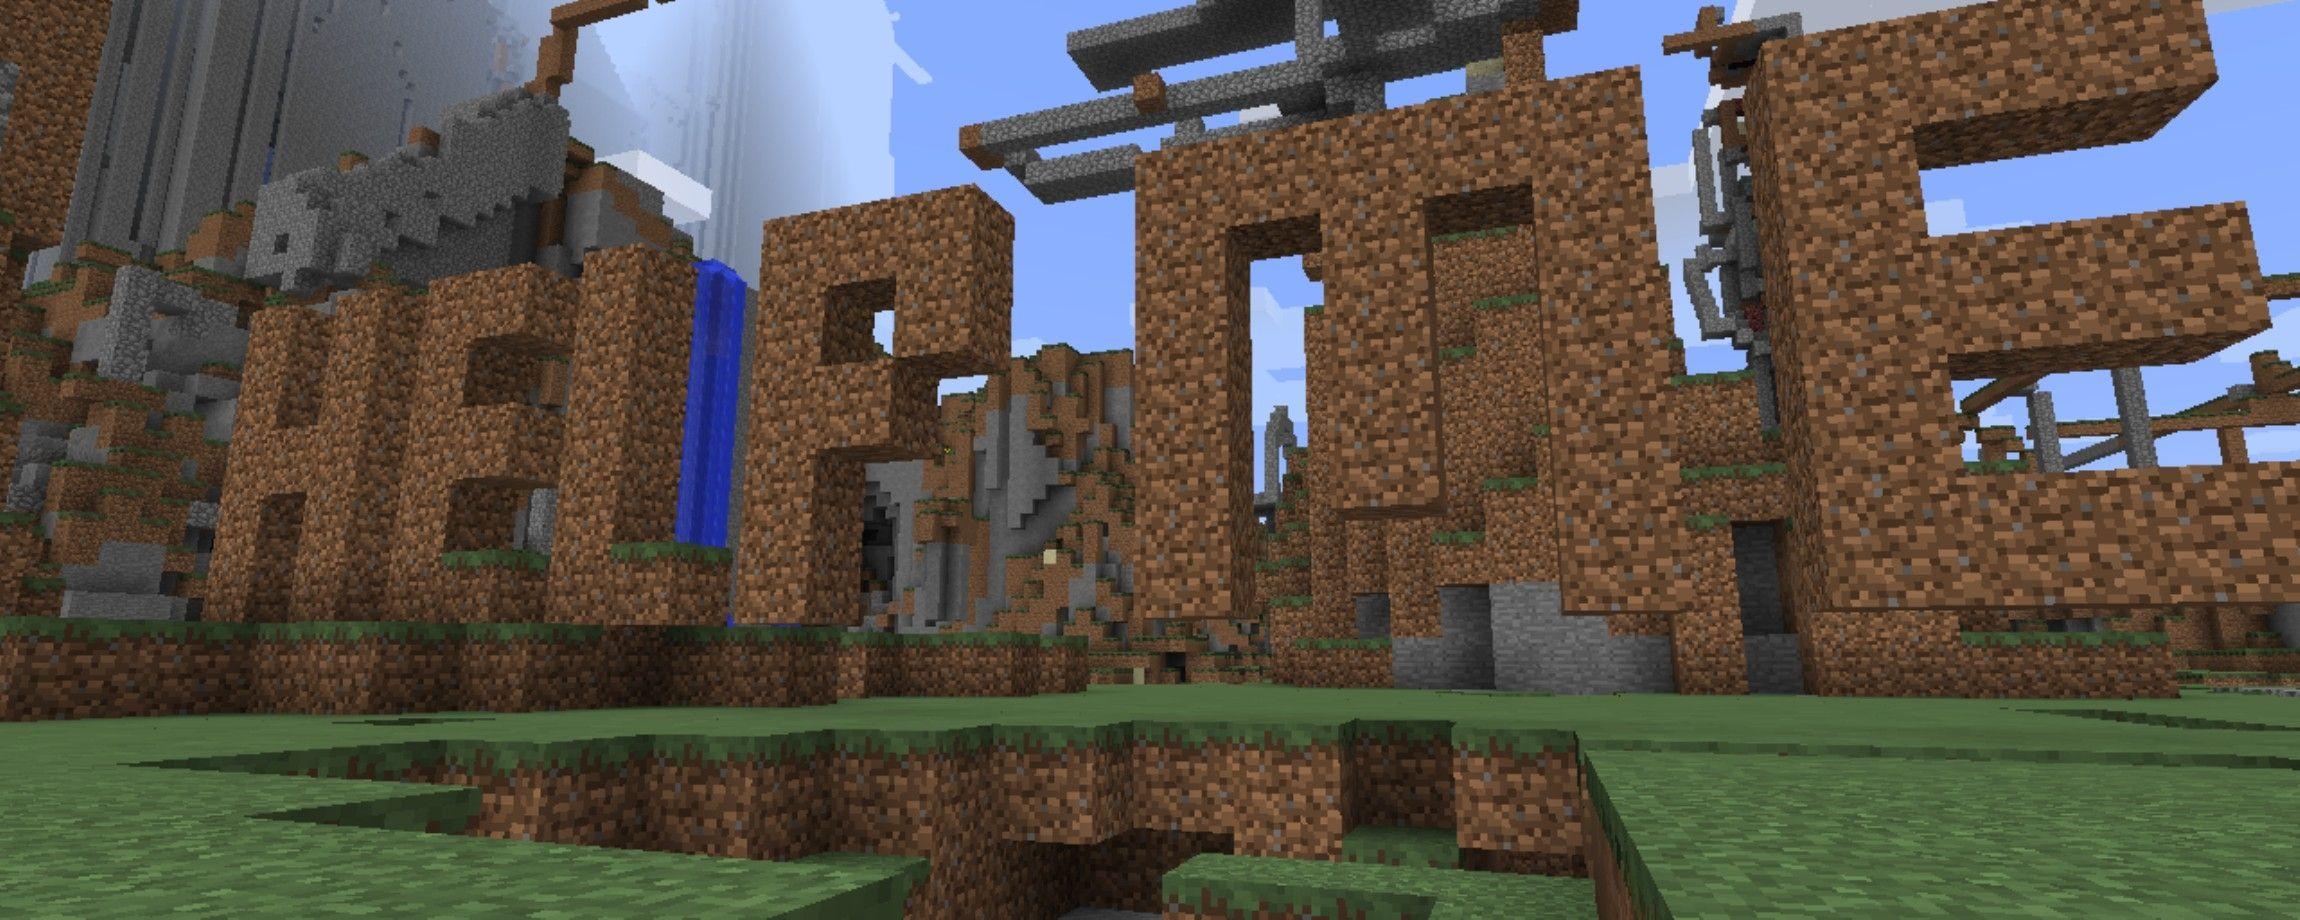 O Pior Lugar do Minecraft